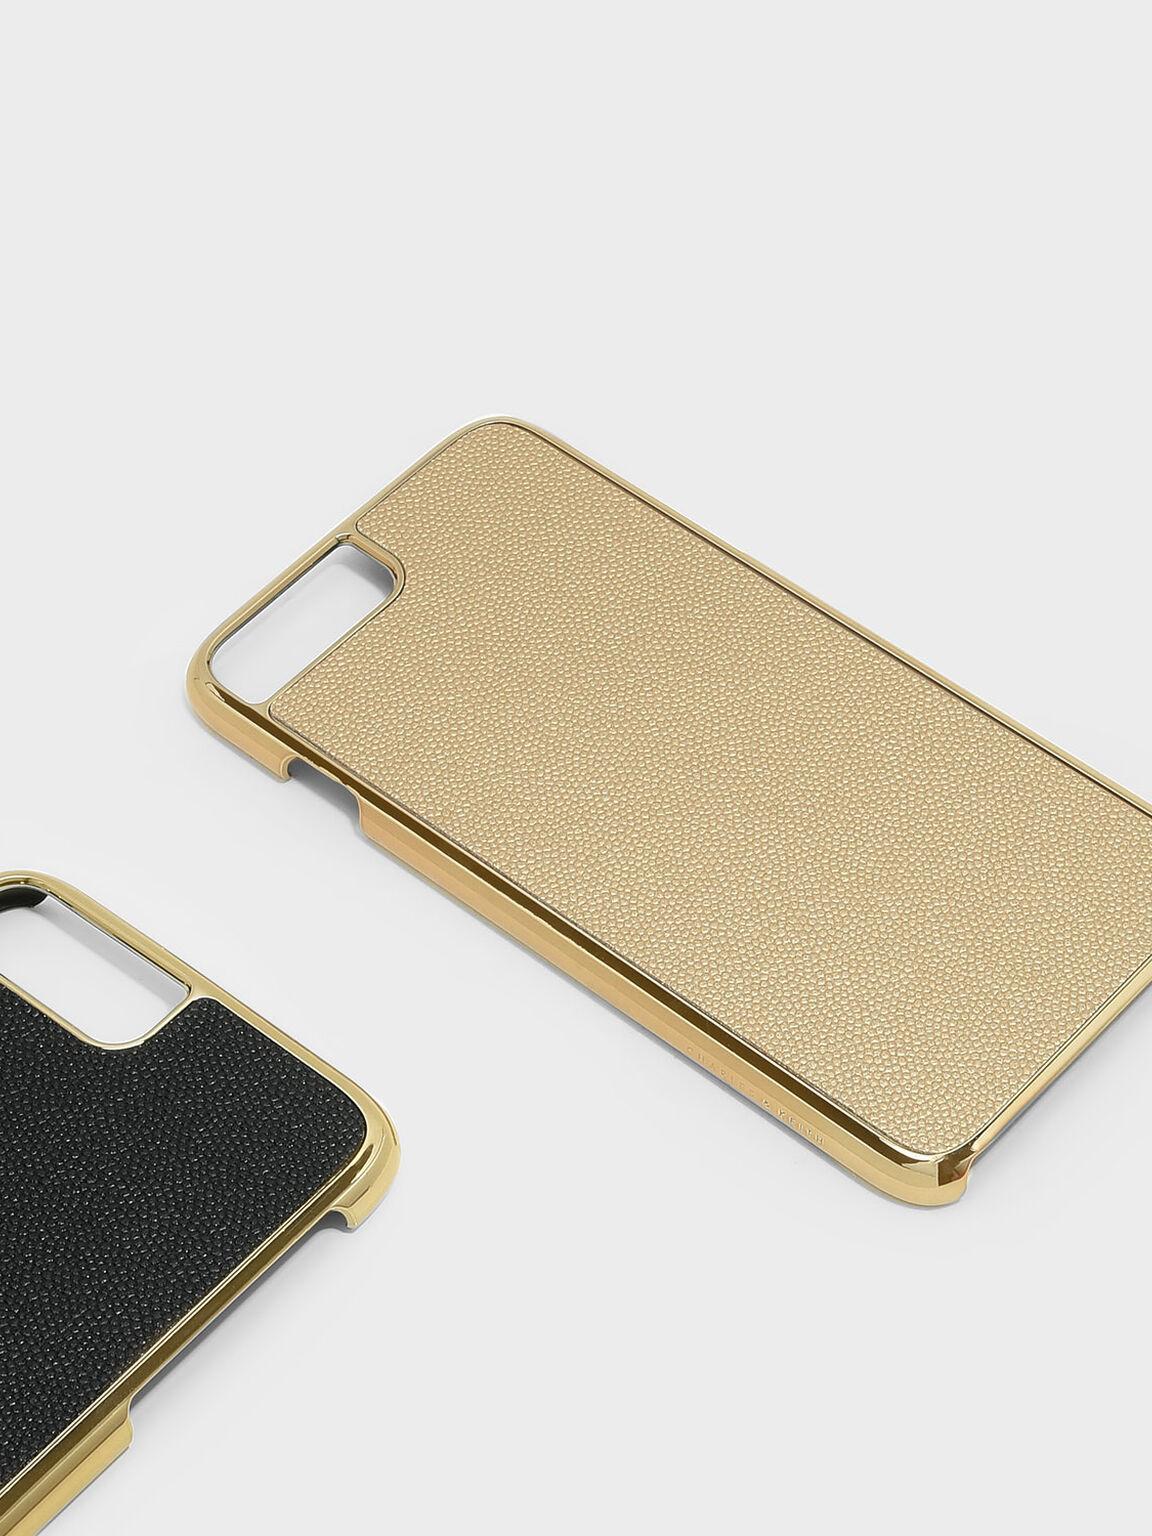 iPhone 7 Plus/8 Plus Textured Case, Gold, hi-res